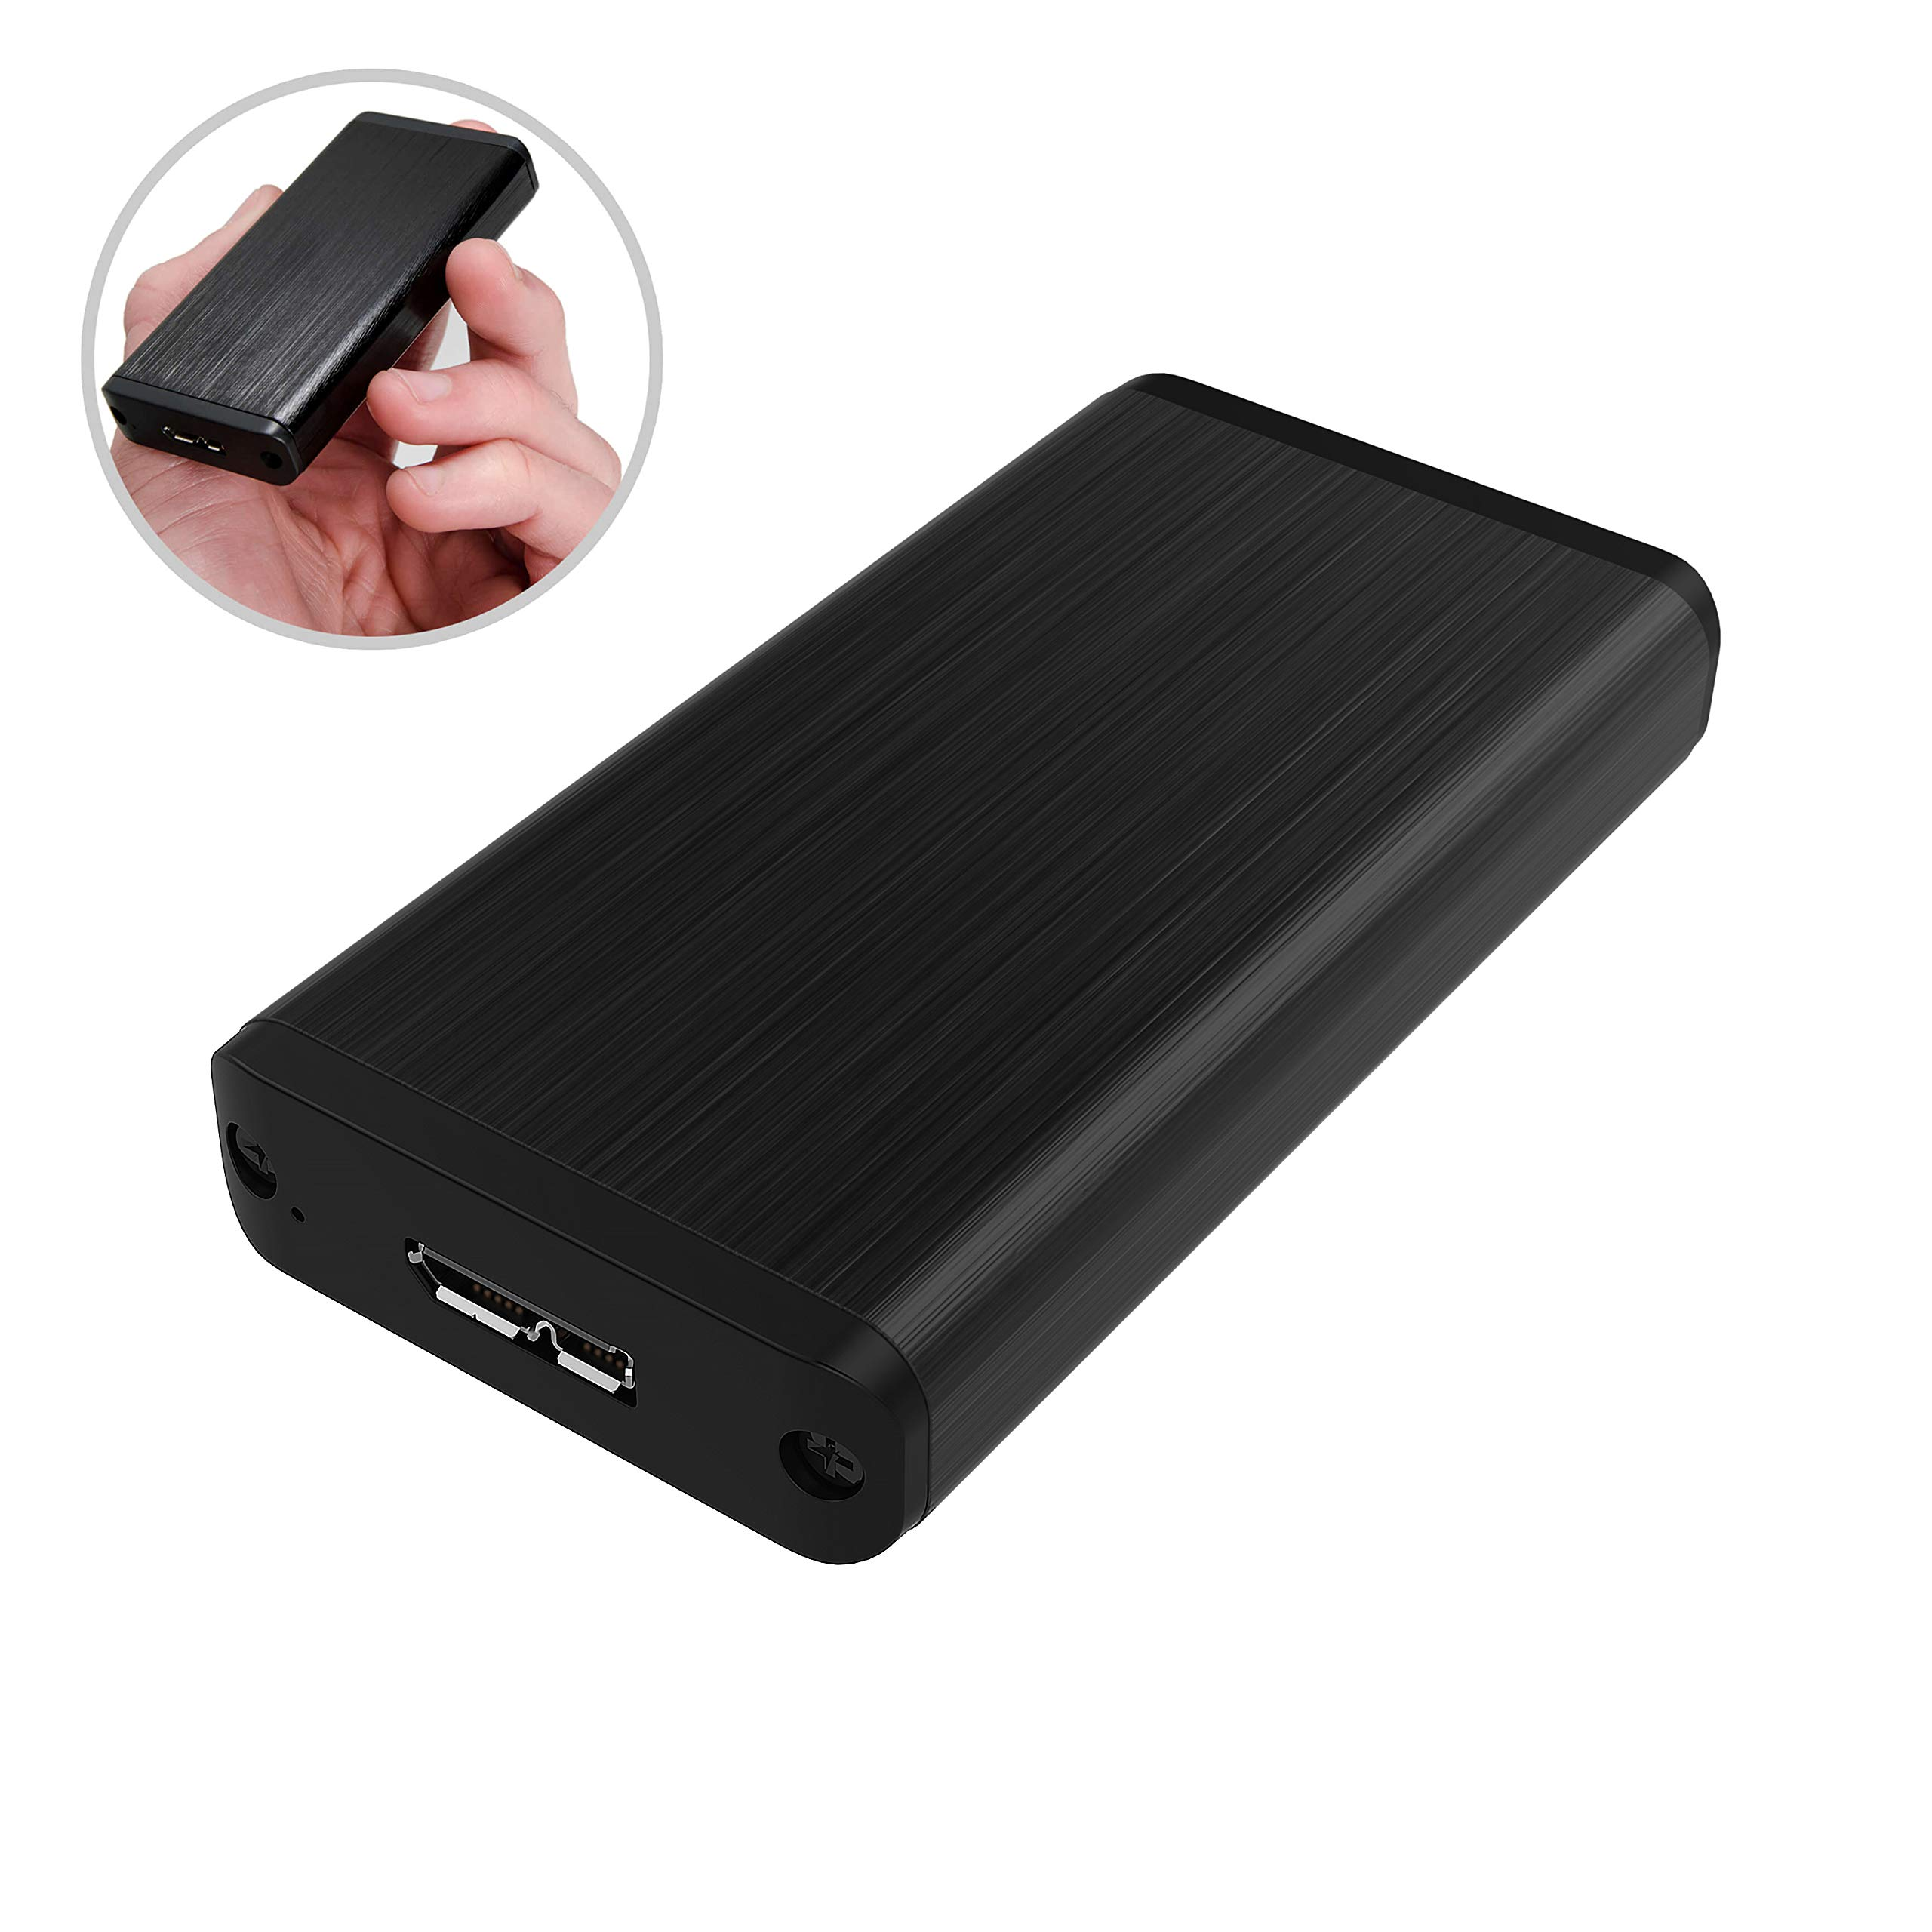 Sabrent USB 3.0 mSATA II or III/6G SSD Enclosure Adapter [Support UASP] (EC-UKMS)